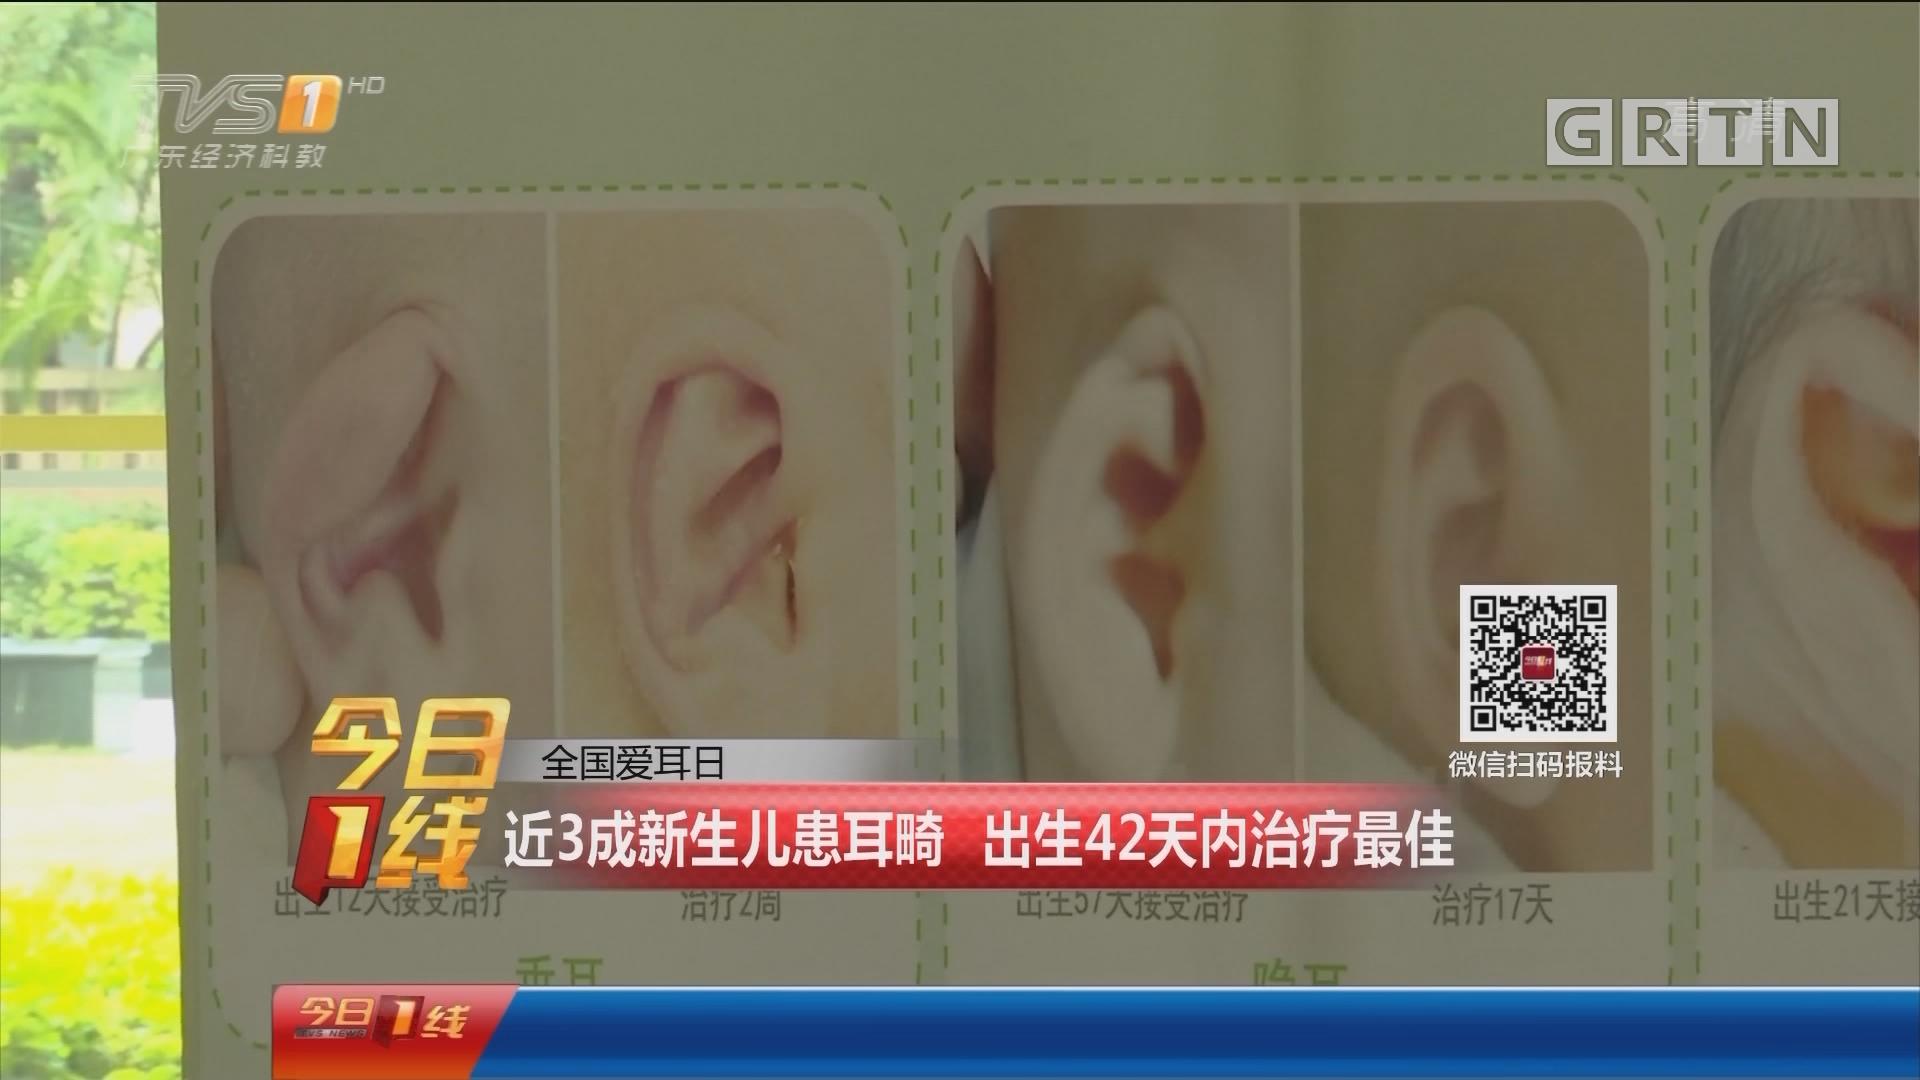 全国爱耳日:近3成新生儿患耳畸 出生42天内治疗最佳